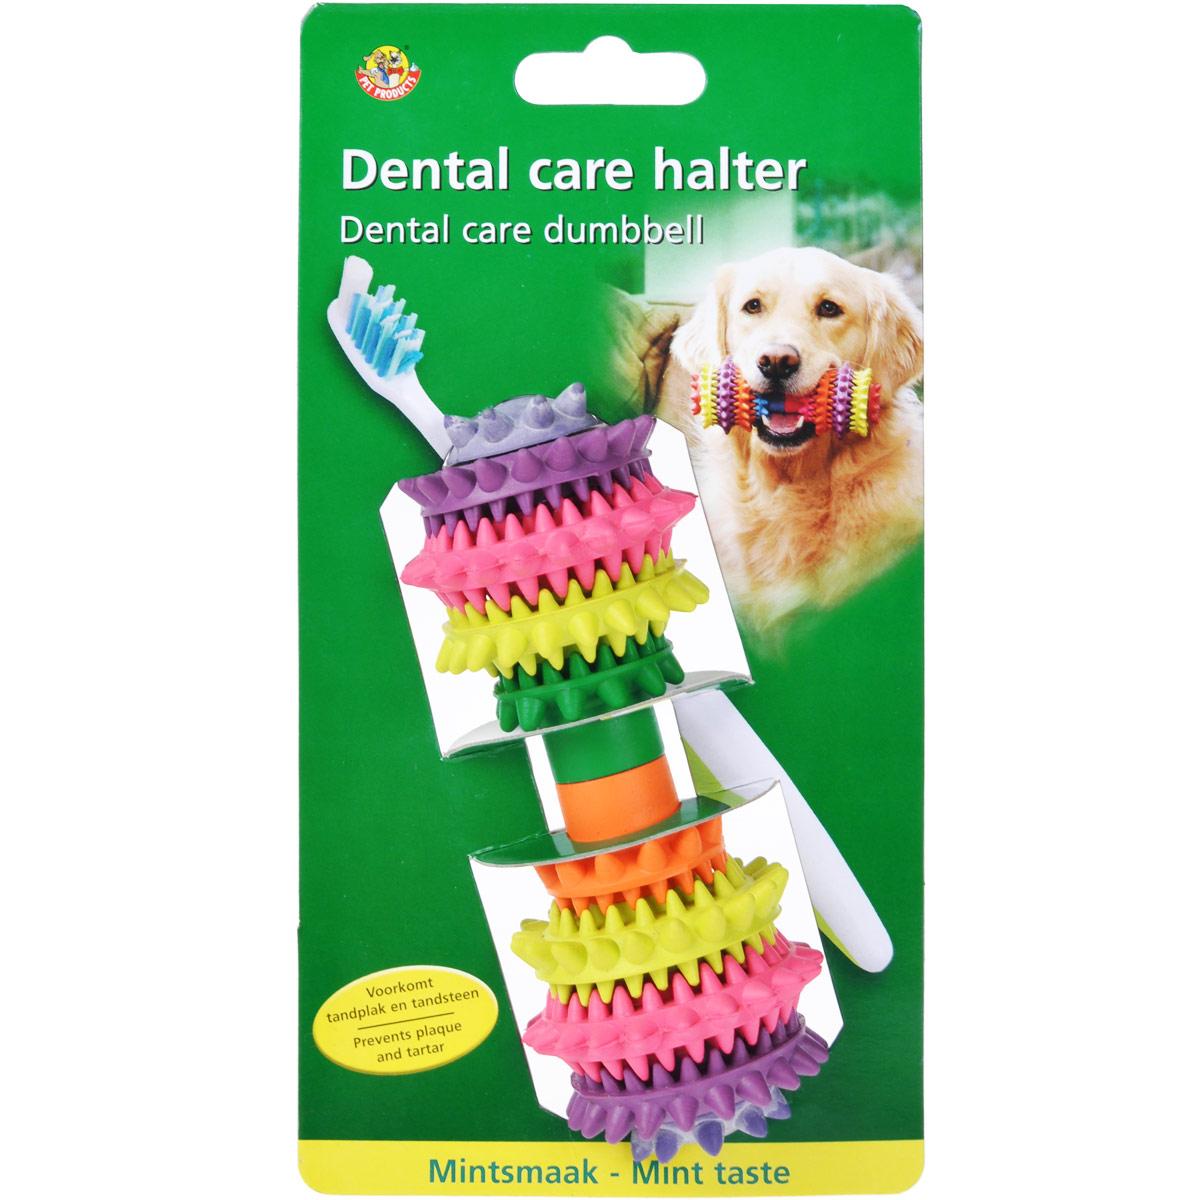 Игрушка для собак I.P.T.S. Гантель шипованная, для уходя за зубами, с запахом мяты0120710Игрушка для собак I.P.T.S. Гантель шипованная изготовлена из резины с приятным запахом мяты в виде гантели со специальными шипами, предназначенными для ухода за зубами. Предотвращает образование зубного камня. Предназначена для игр с собаками любого возраста. Такая игрушка привлечет внимание вашего любимца и не оставит его равнодушным. Длина: 14 см.